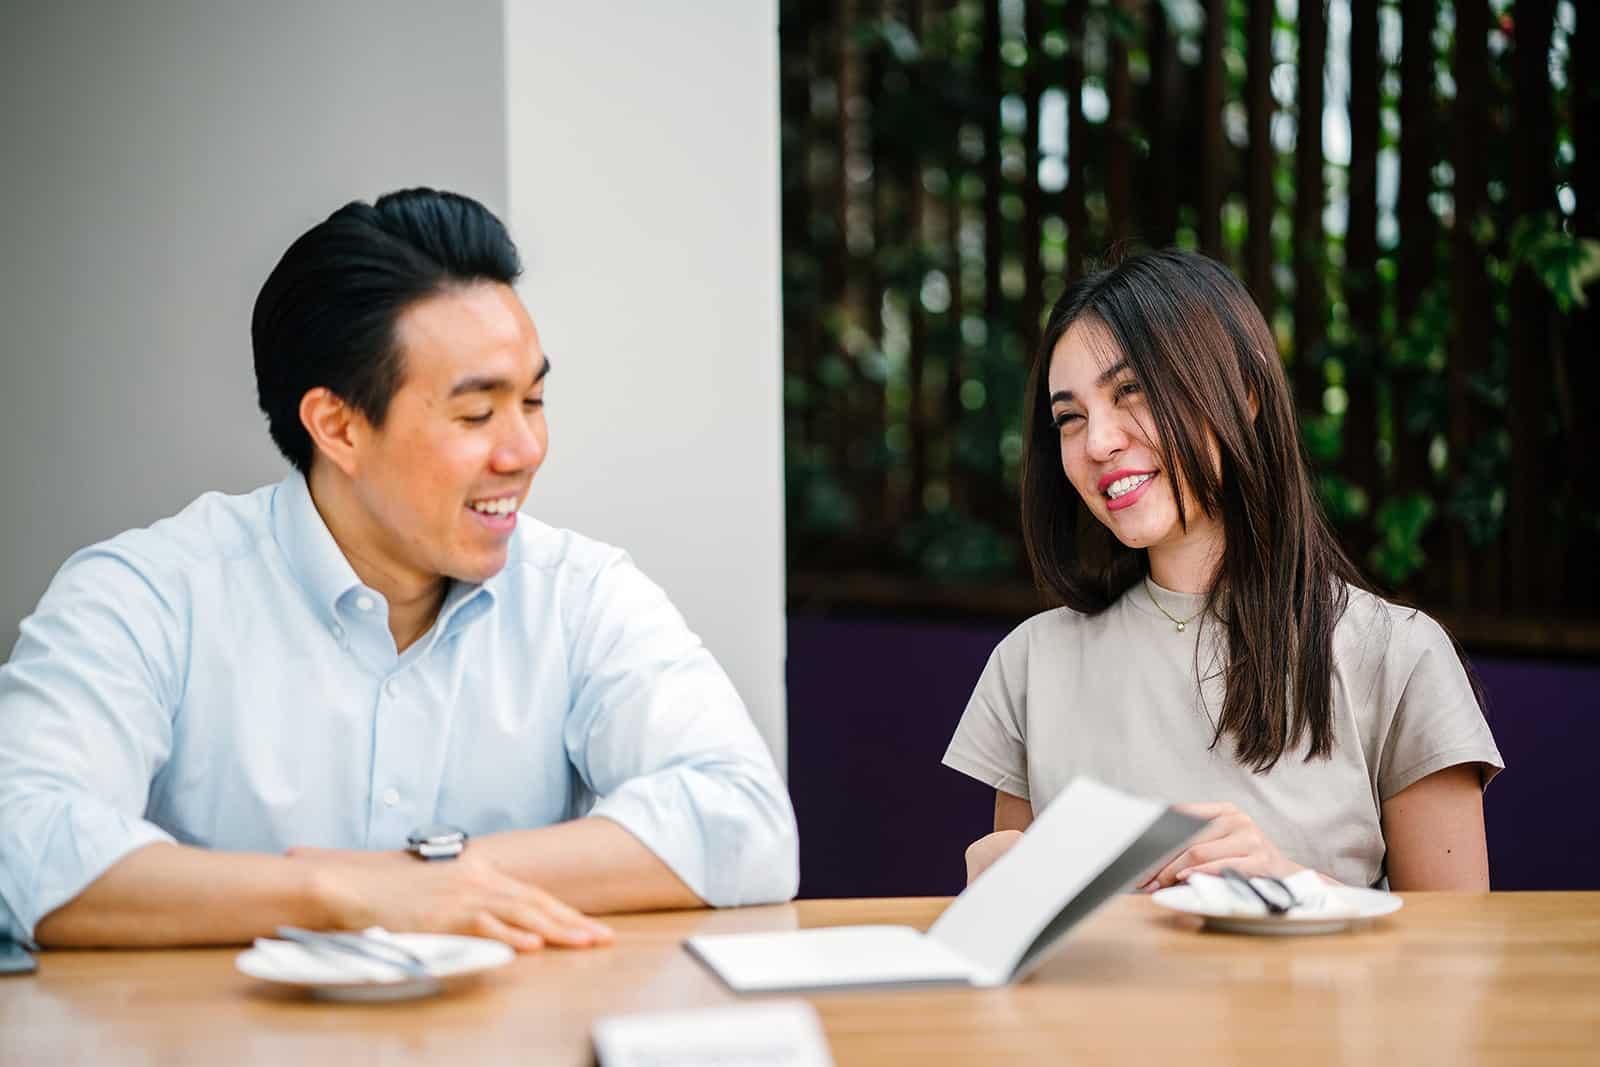 Ein lächelnder Mann und eine Frau unterhalten sich, während sie am Tisch sitzen